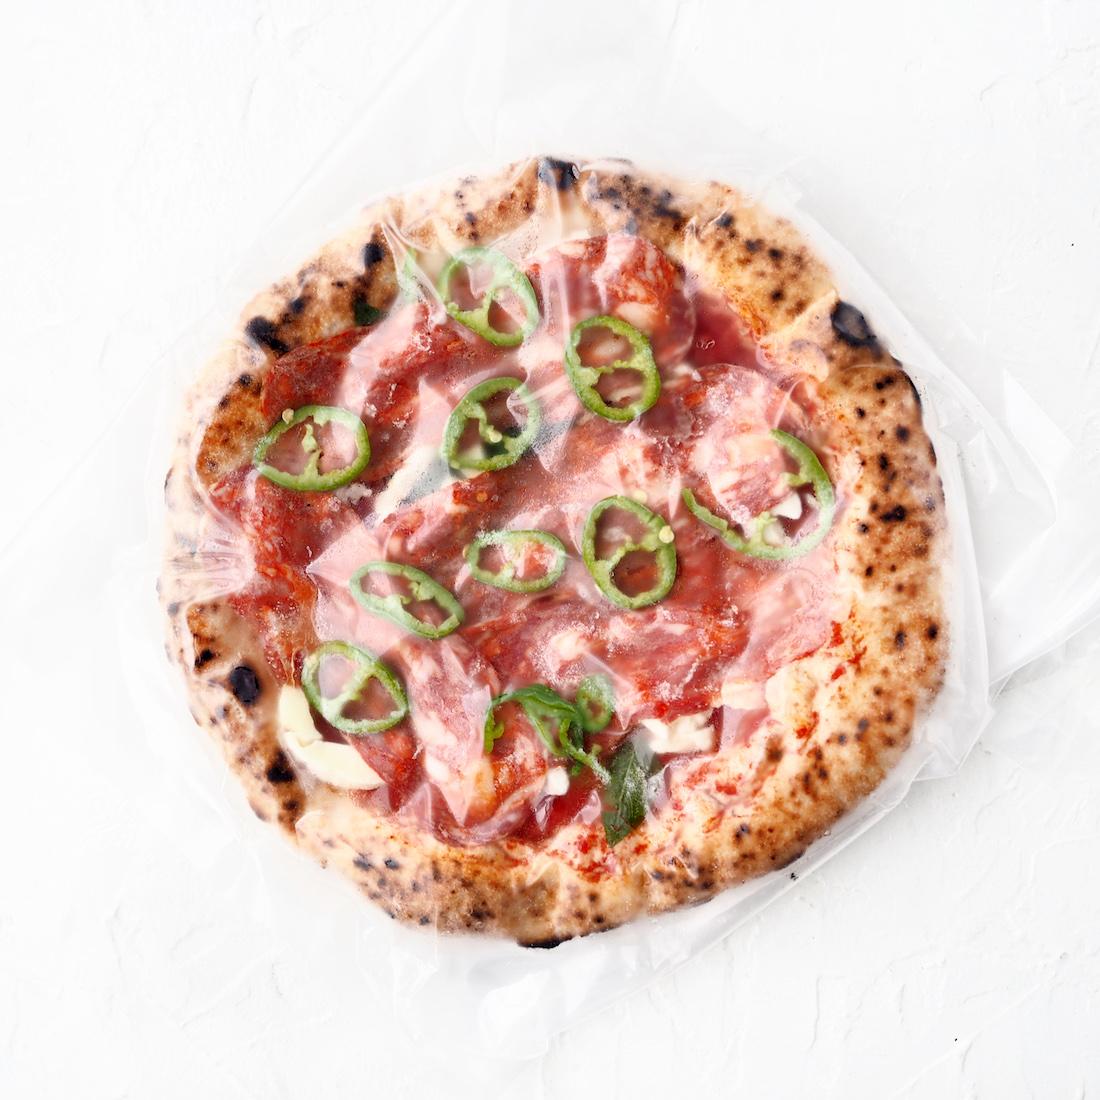 Замороженная неаполитанская пицца Дьявола (1 шт., 390 г)